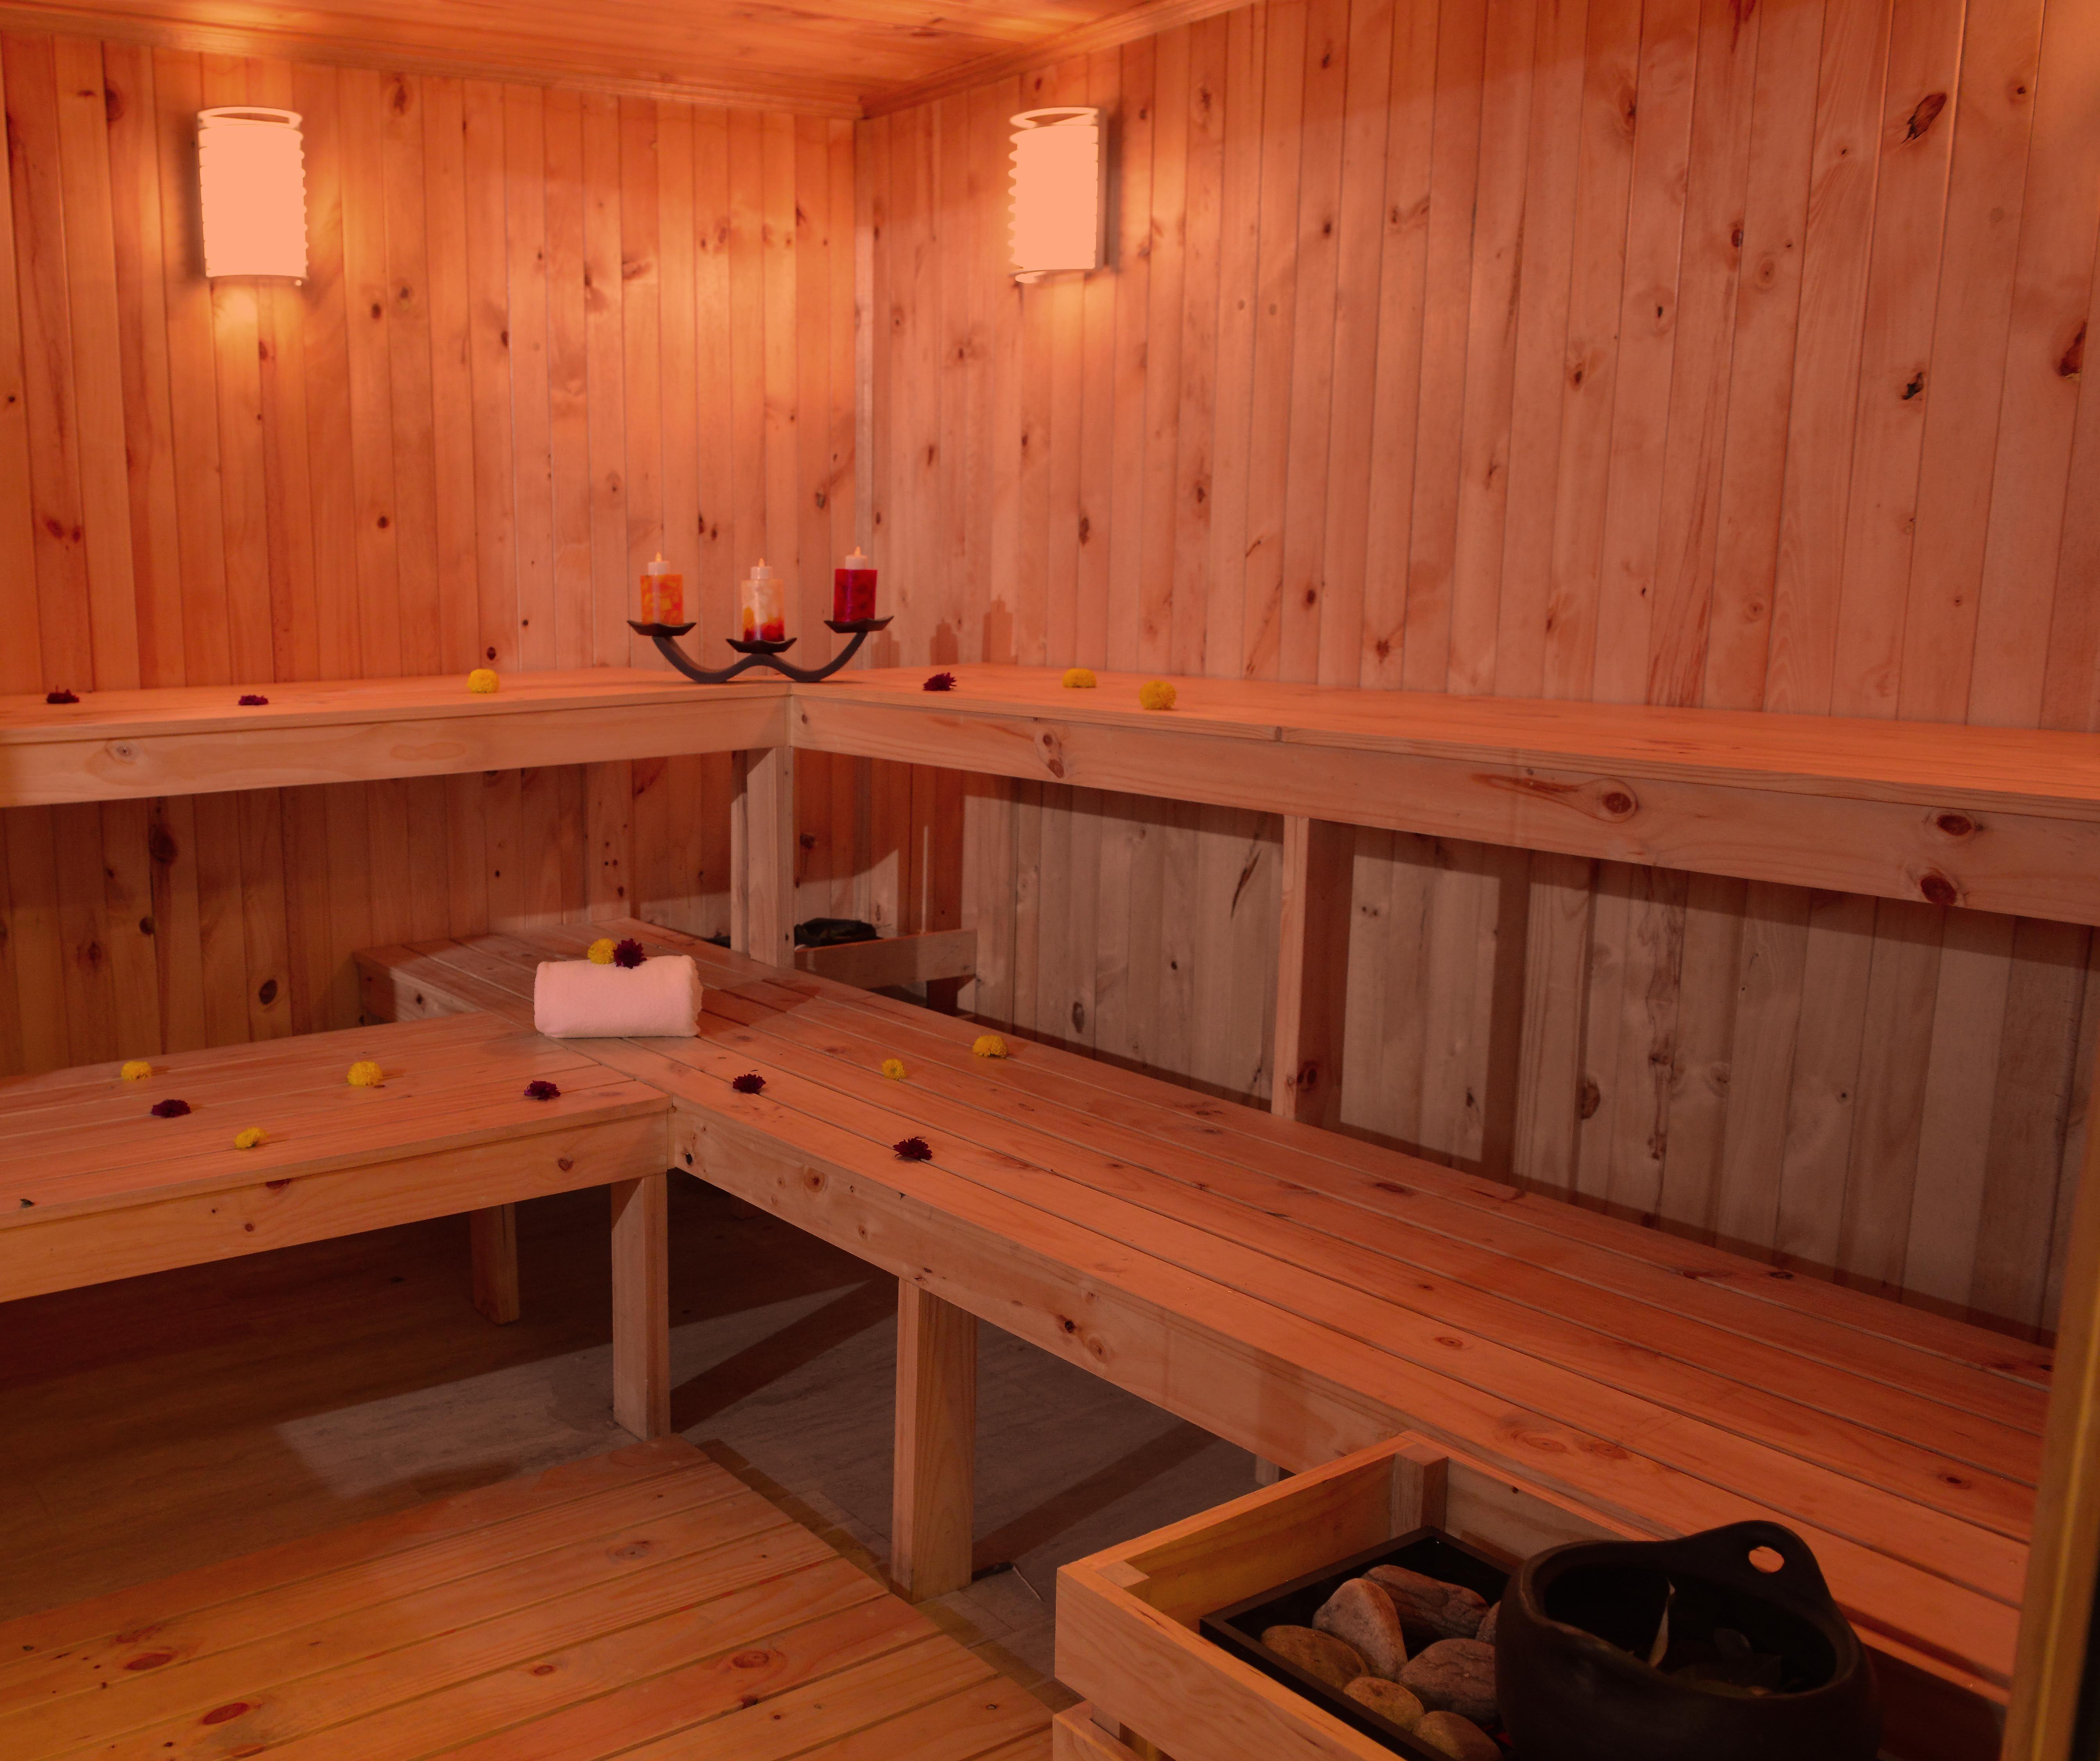 Circuito Hidrico : Circuito hidrico sauna laverdieri club